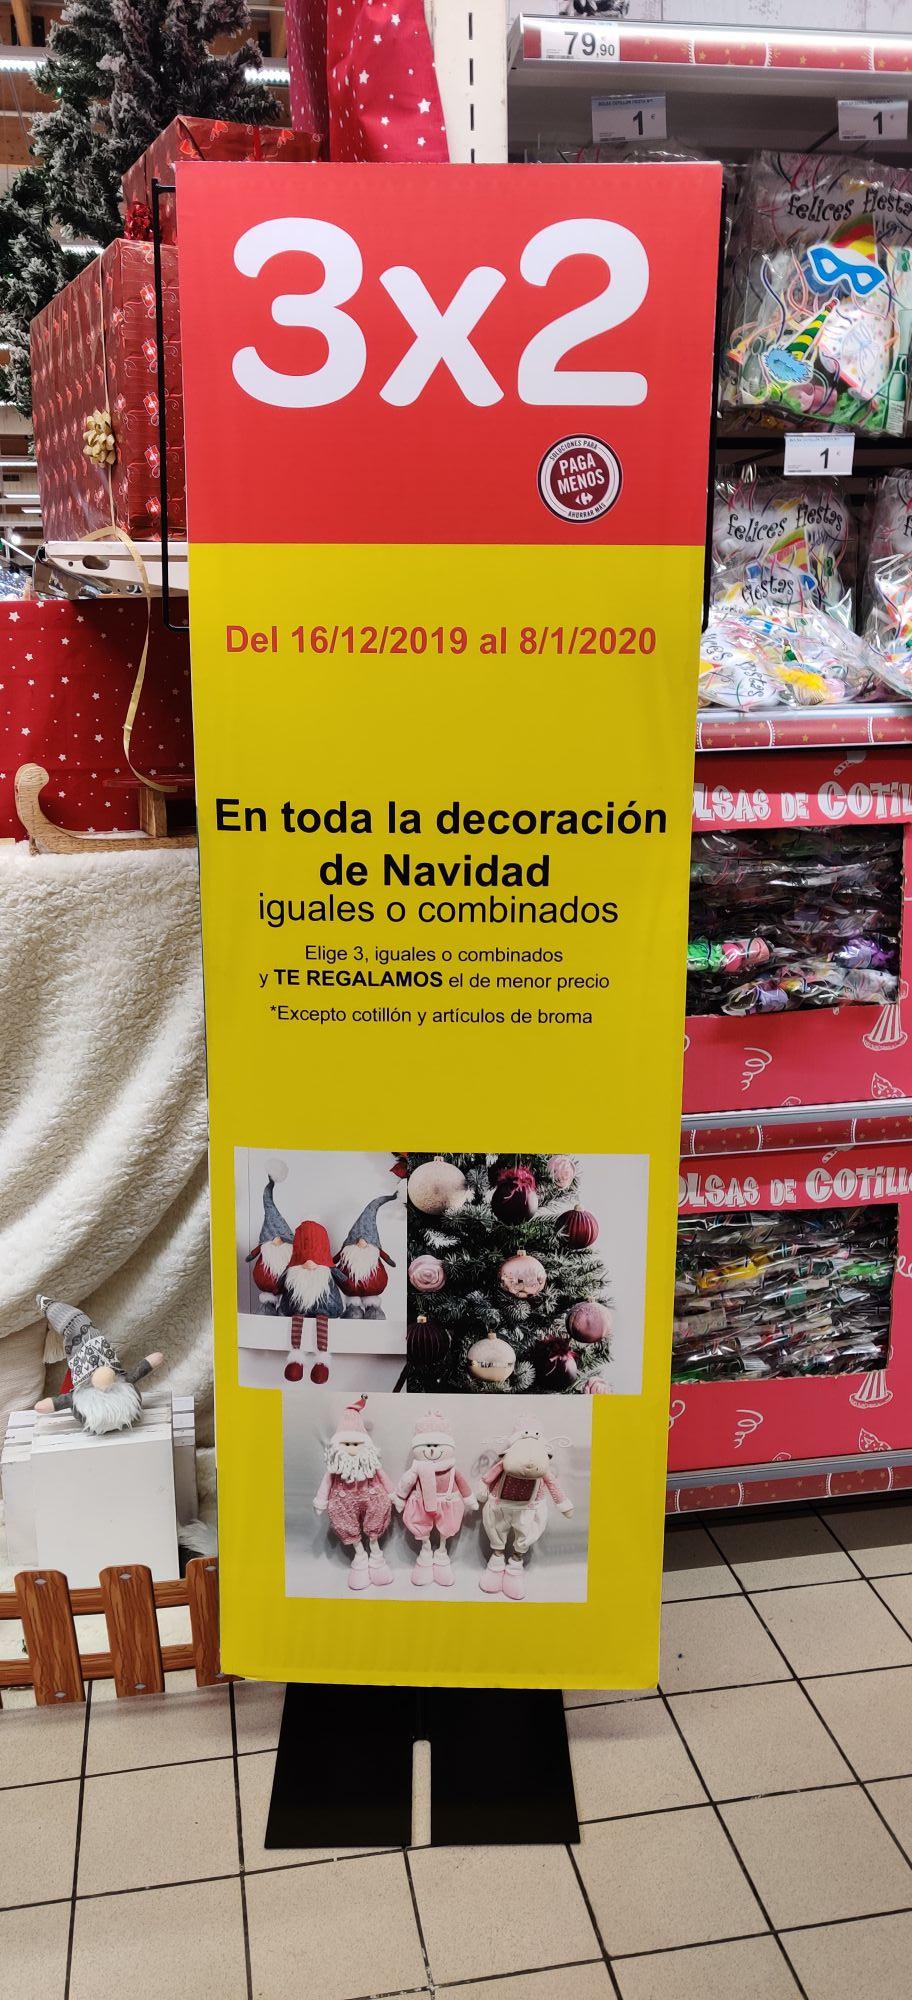 3x2 decoración navidad Carrefour